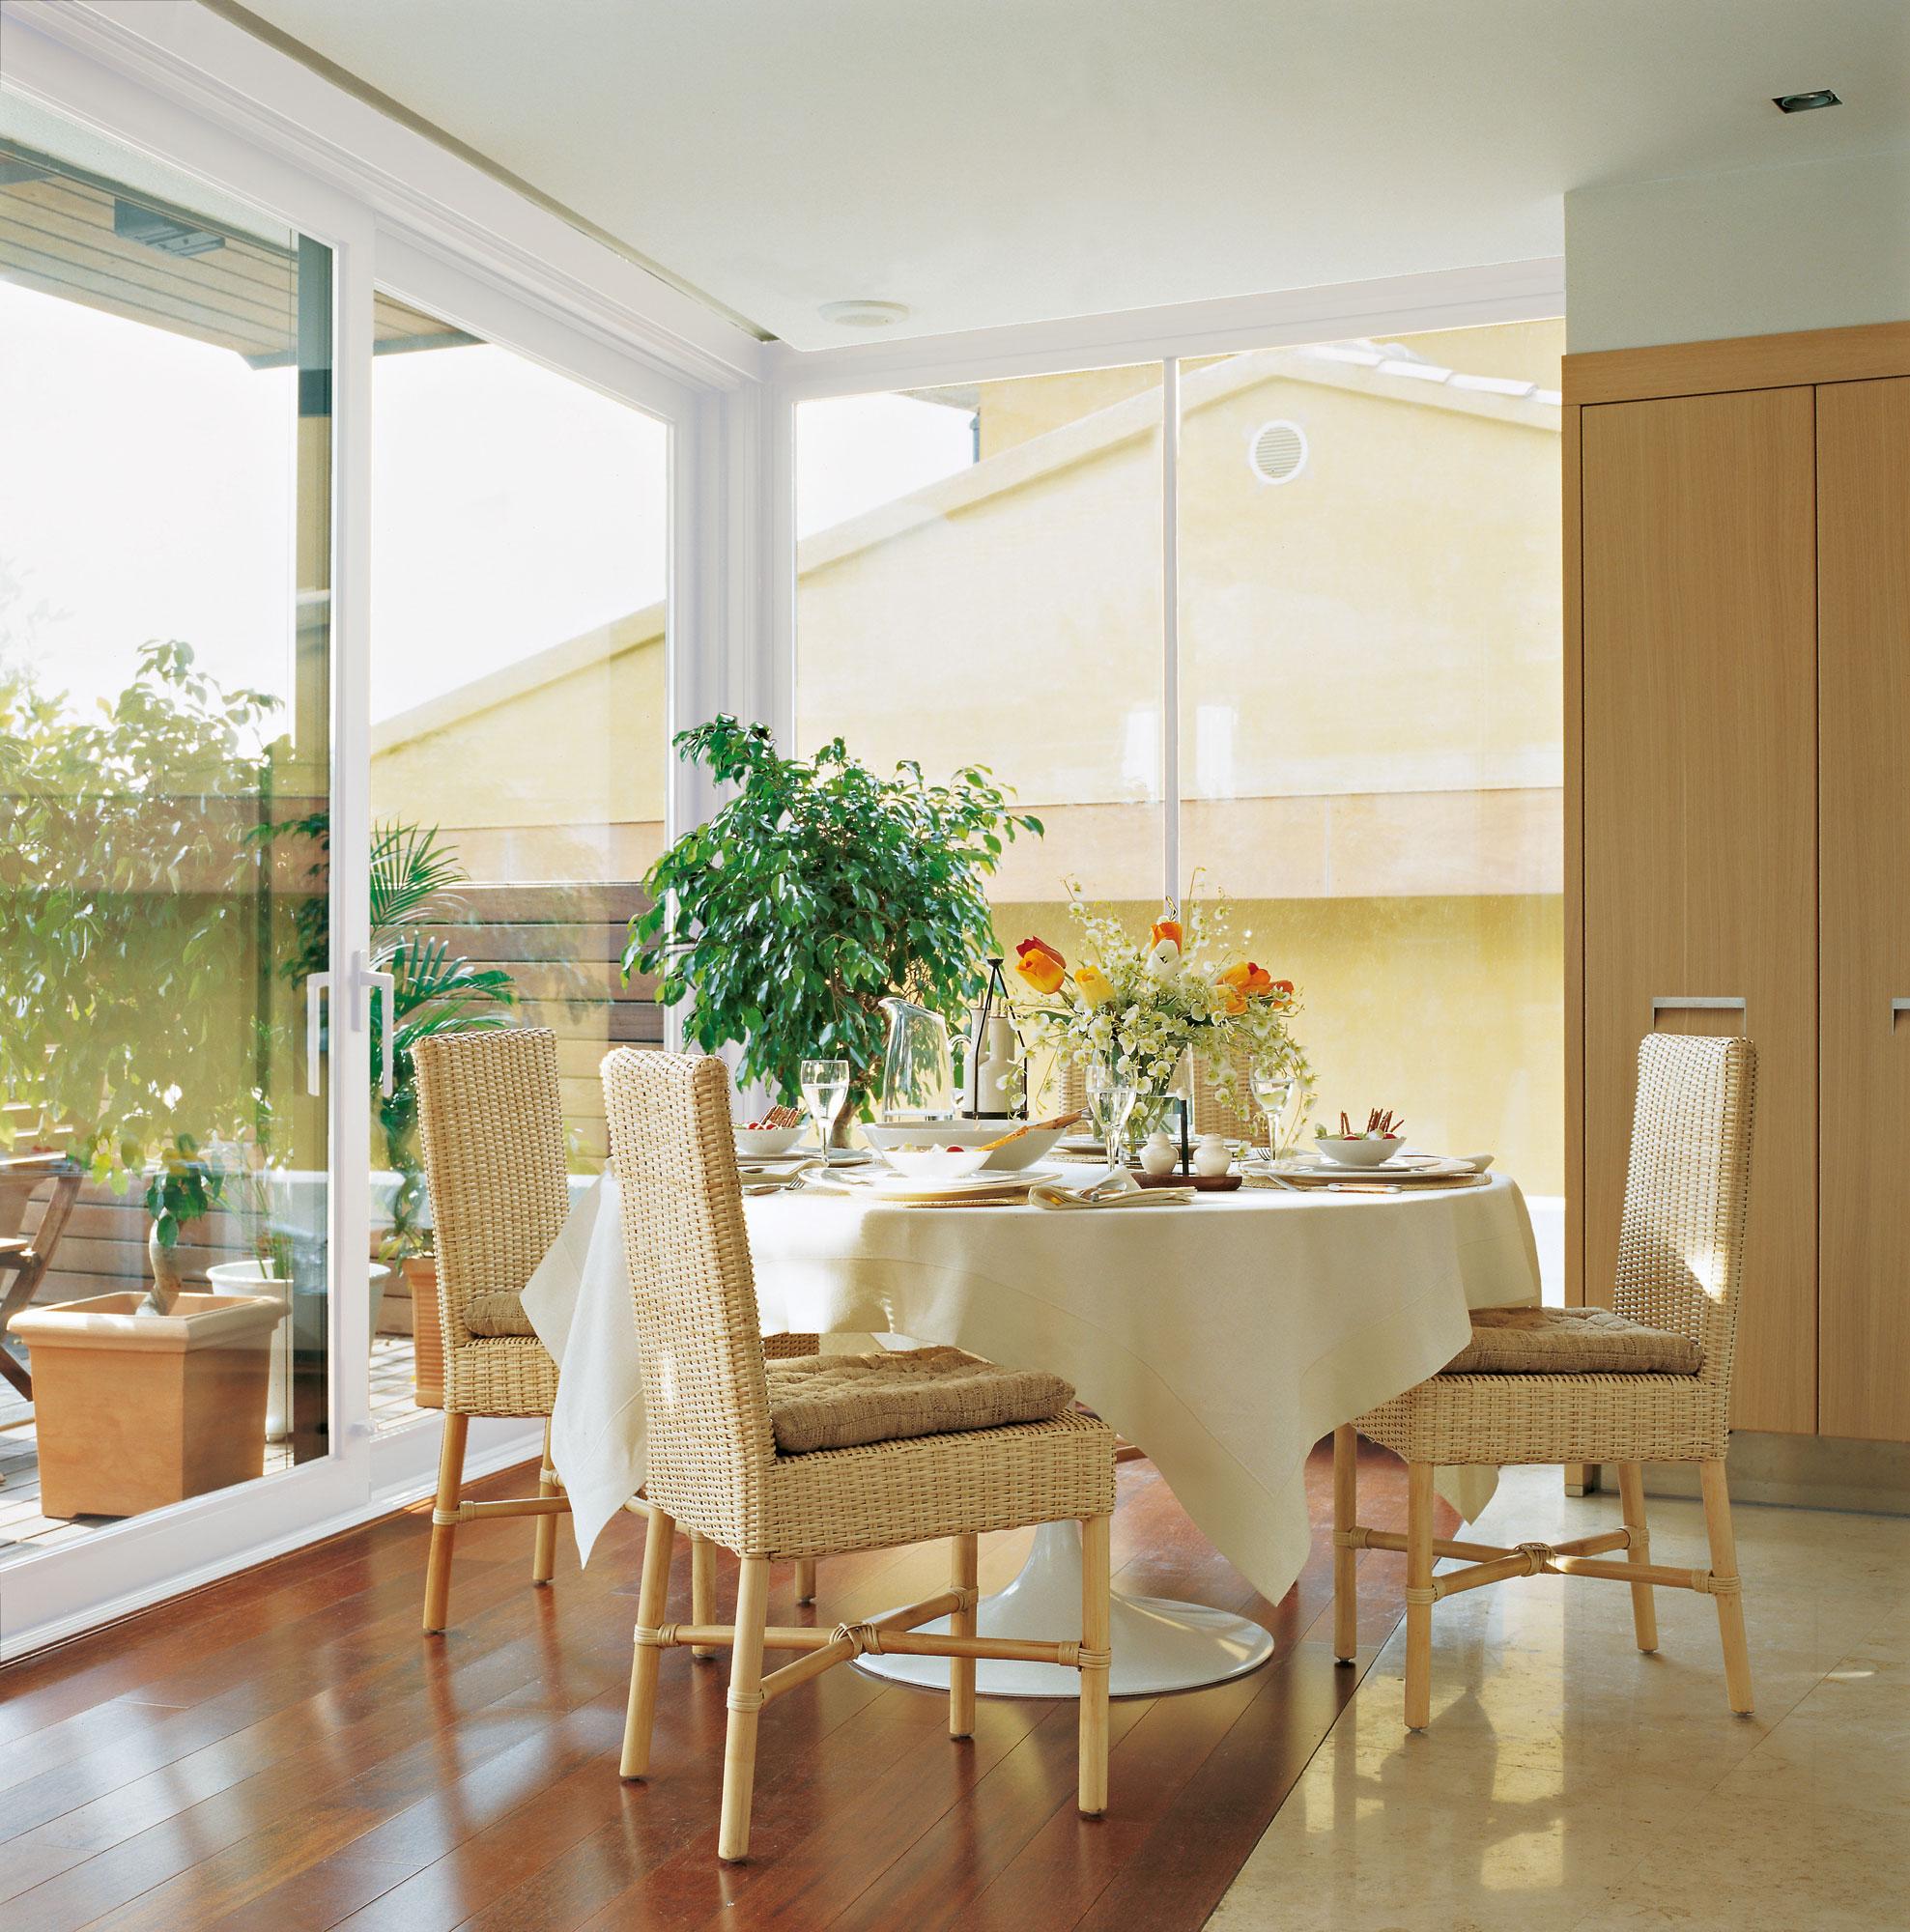 Renovar las ventanas: materiales y precios